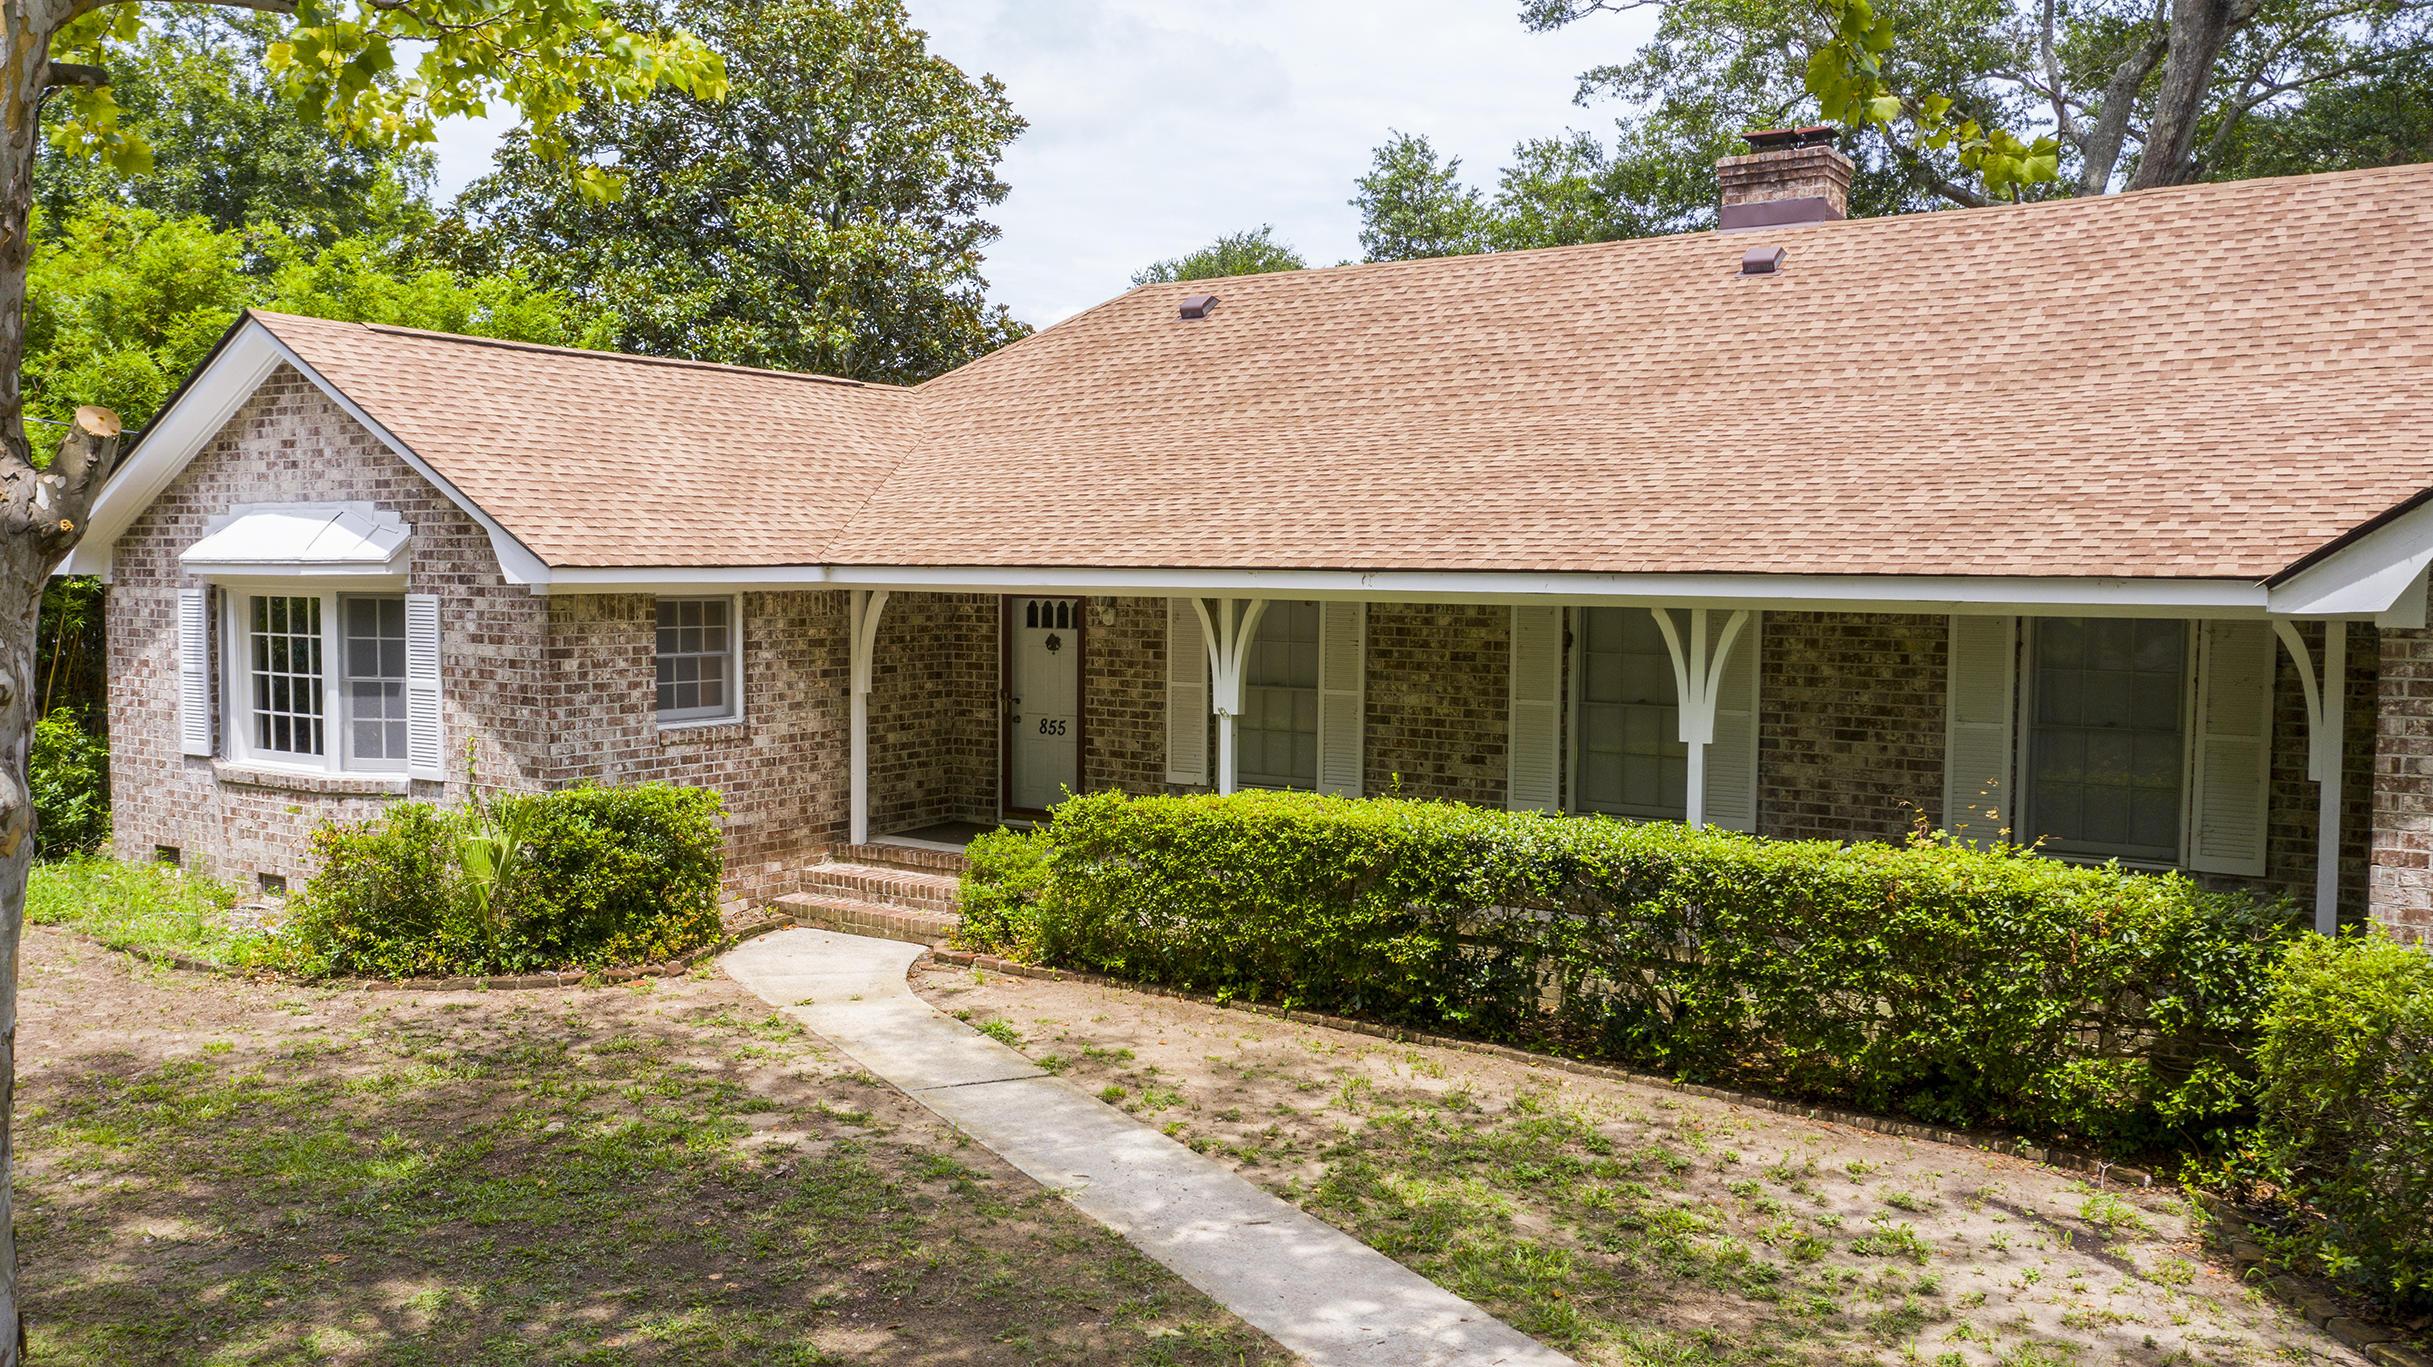 Fort Johnson Estates Homes For Sale - 855 Robert E Lee, Charleston, SC - 41